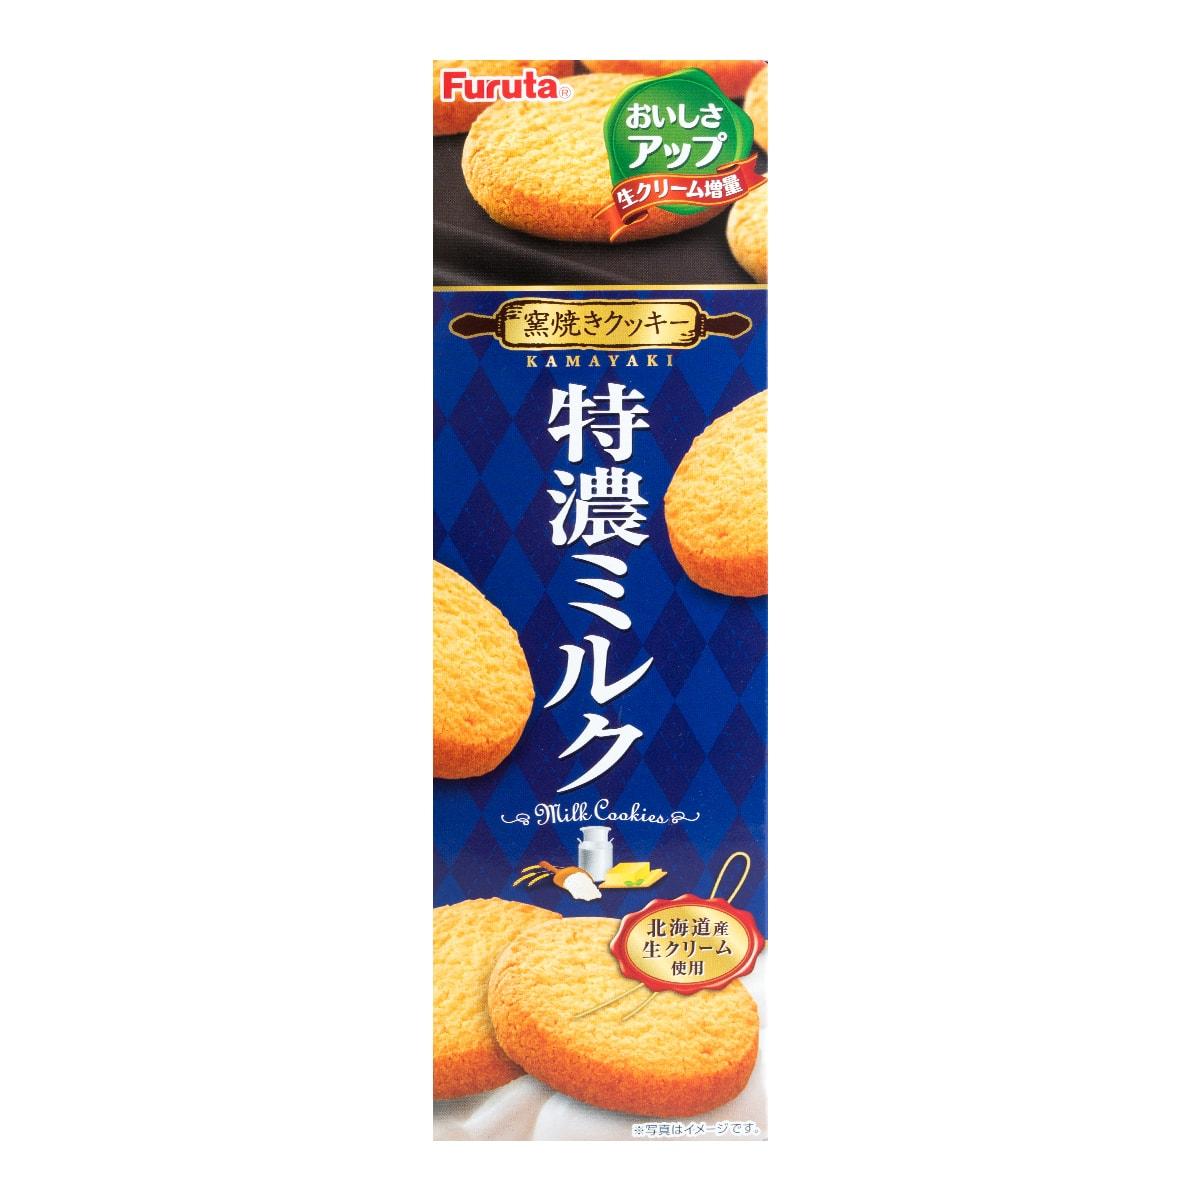 日本FURUTA古田 特浓牛奶味曲奇饼干 80.4g